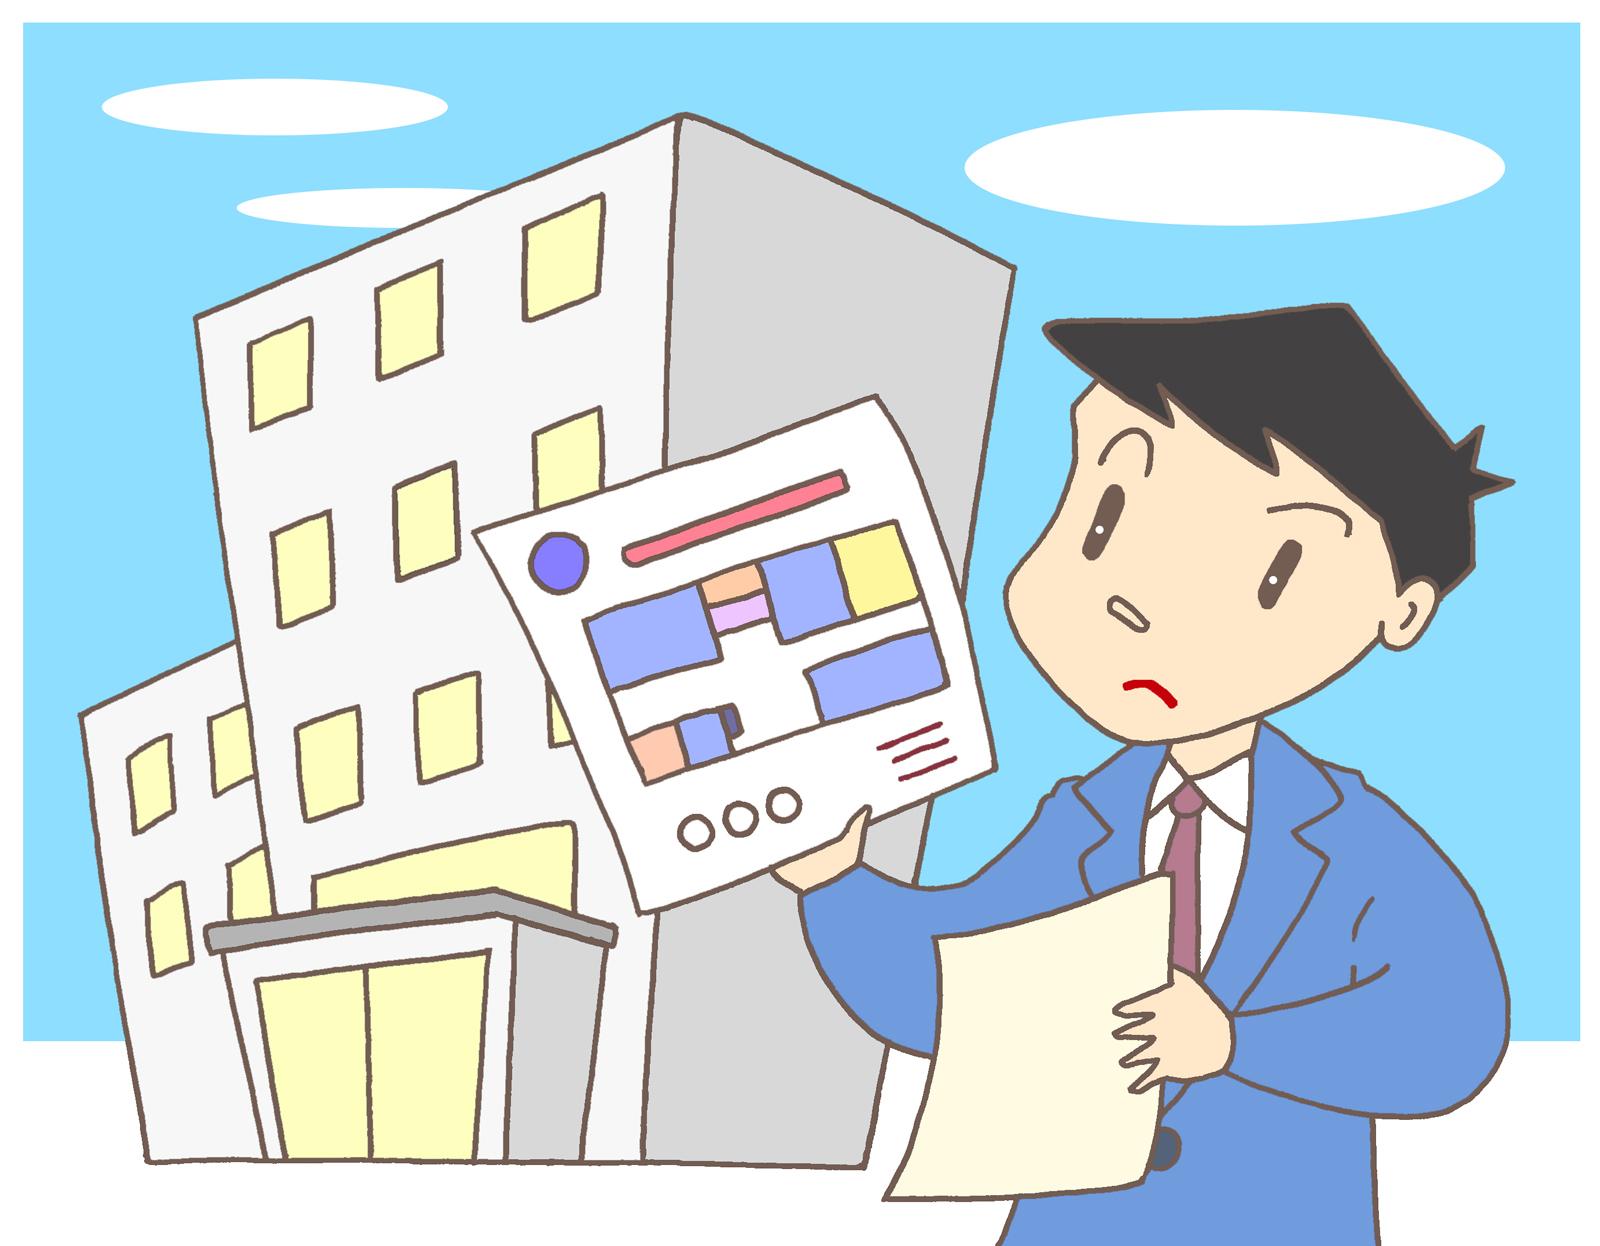 【マンション3階のメリット&デメリット】住み心地は!?虫(ゴキブリ)・防犯など!